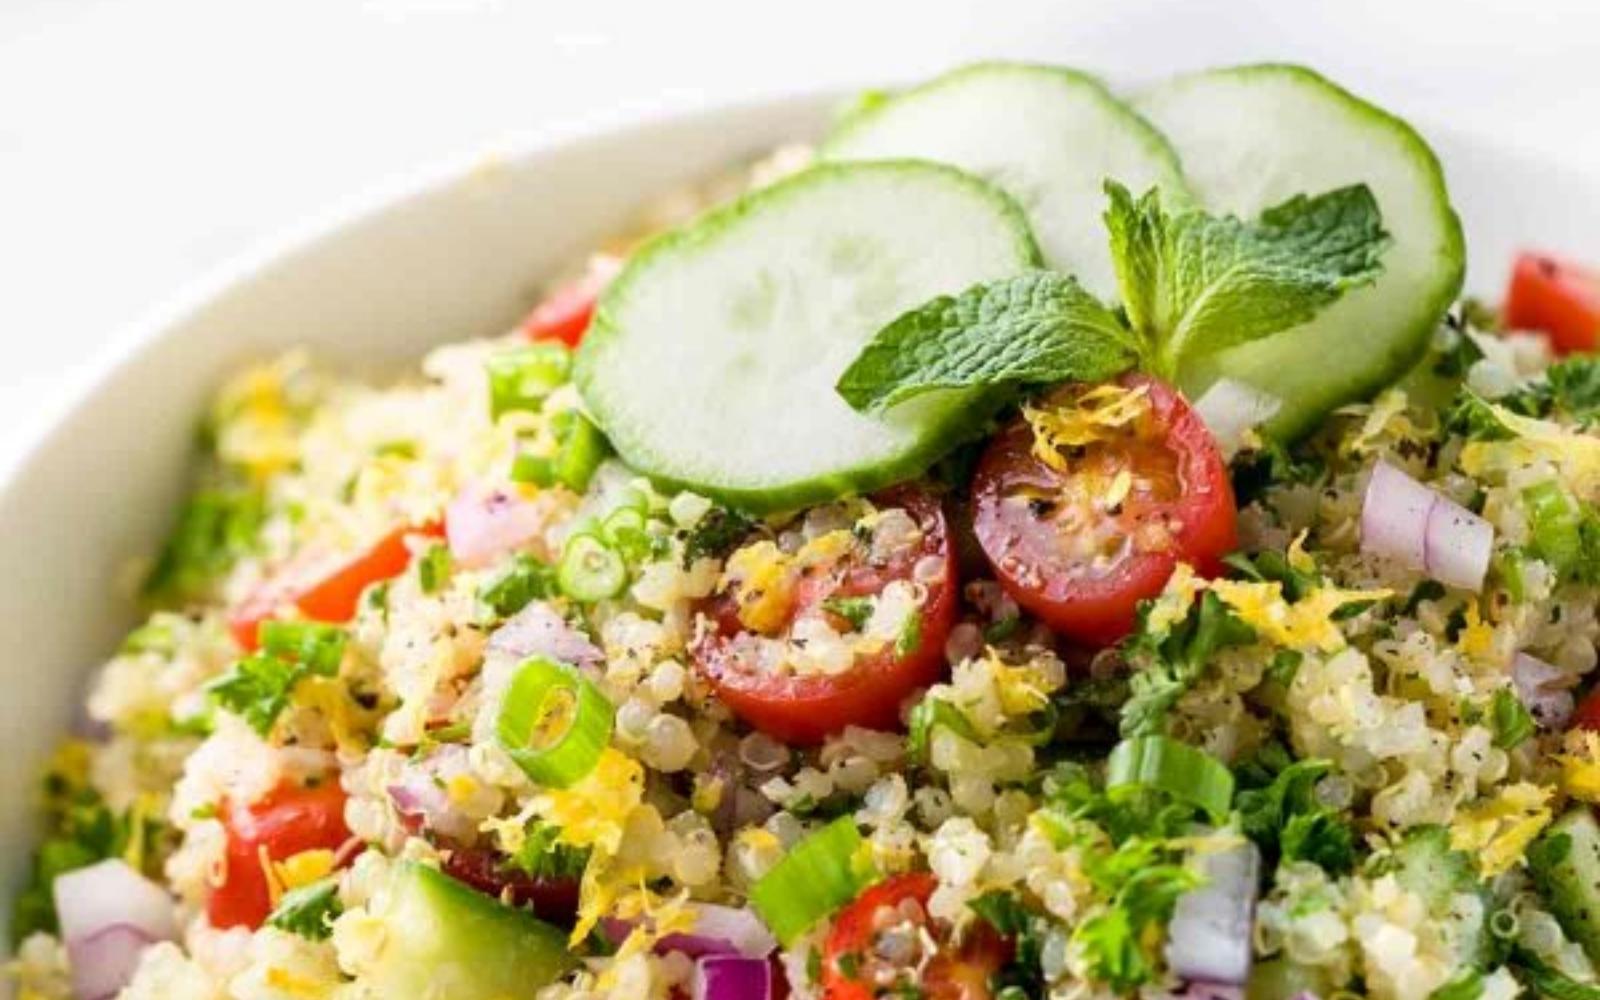 Vegan Quinoa Tabbouleh With Lemon Garlic Dressing [Vegan]